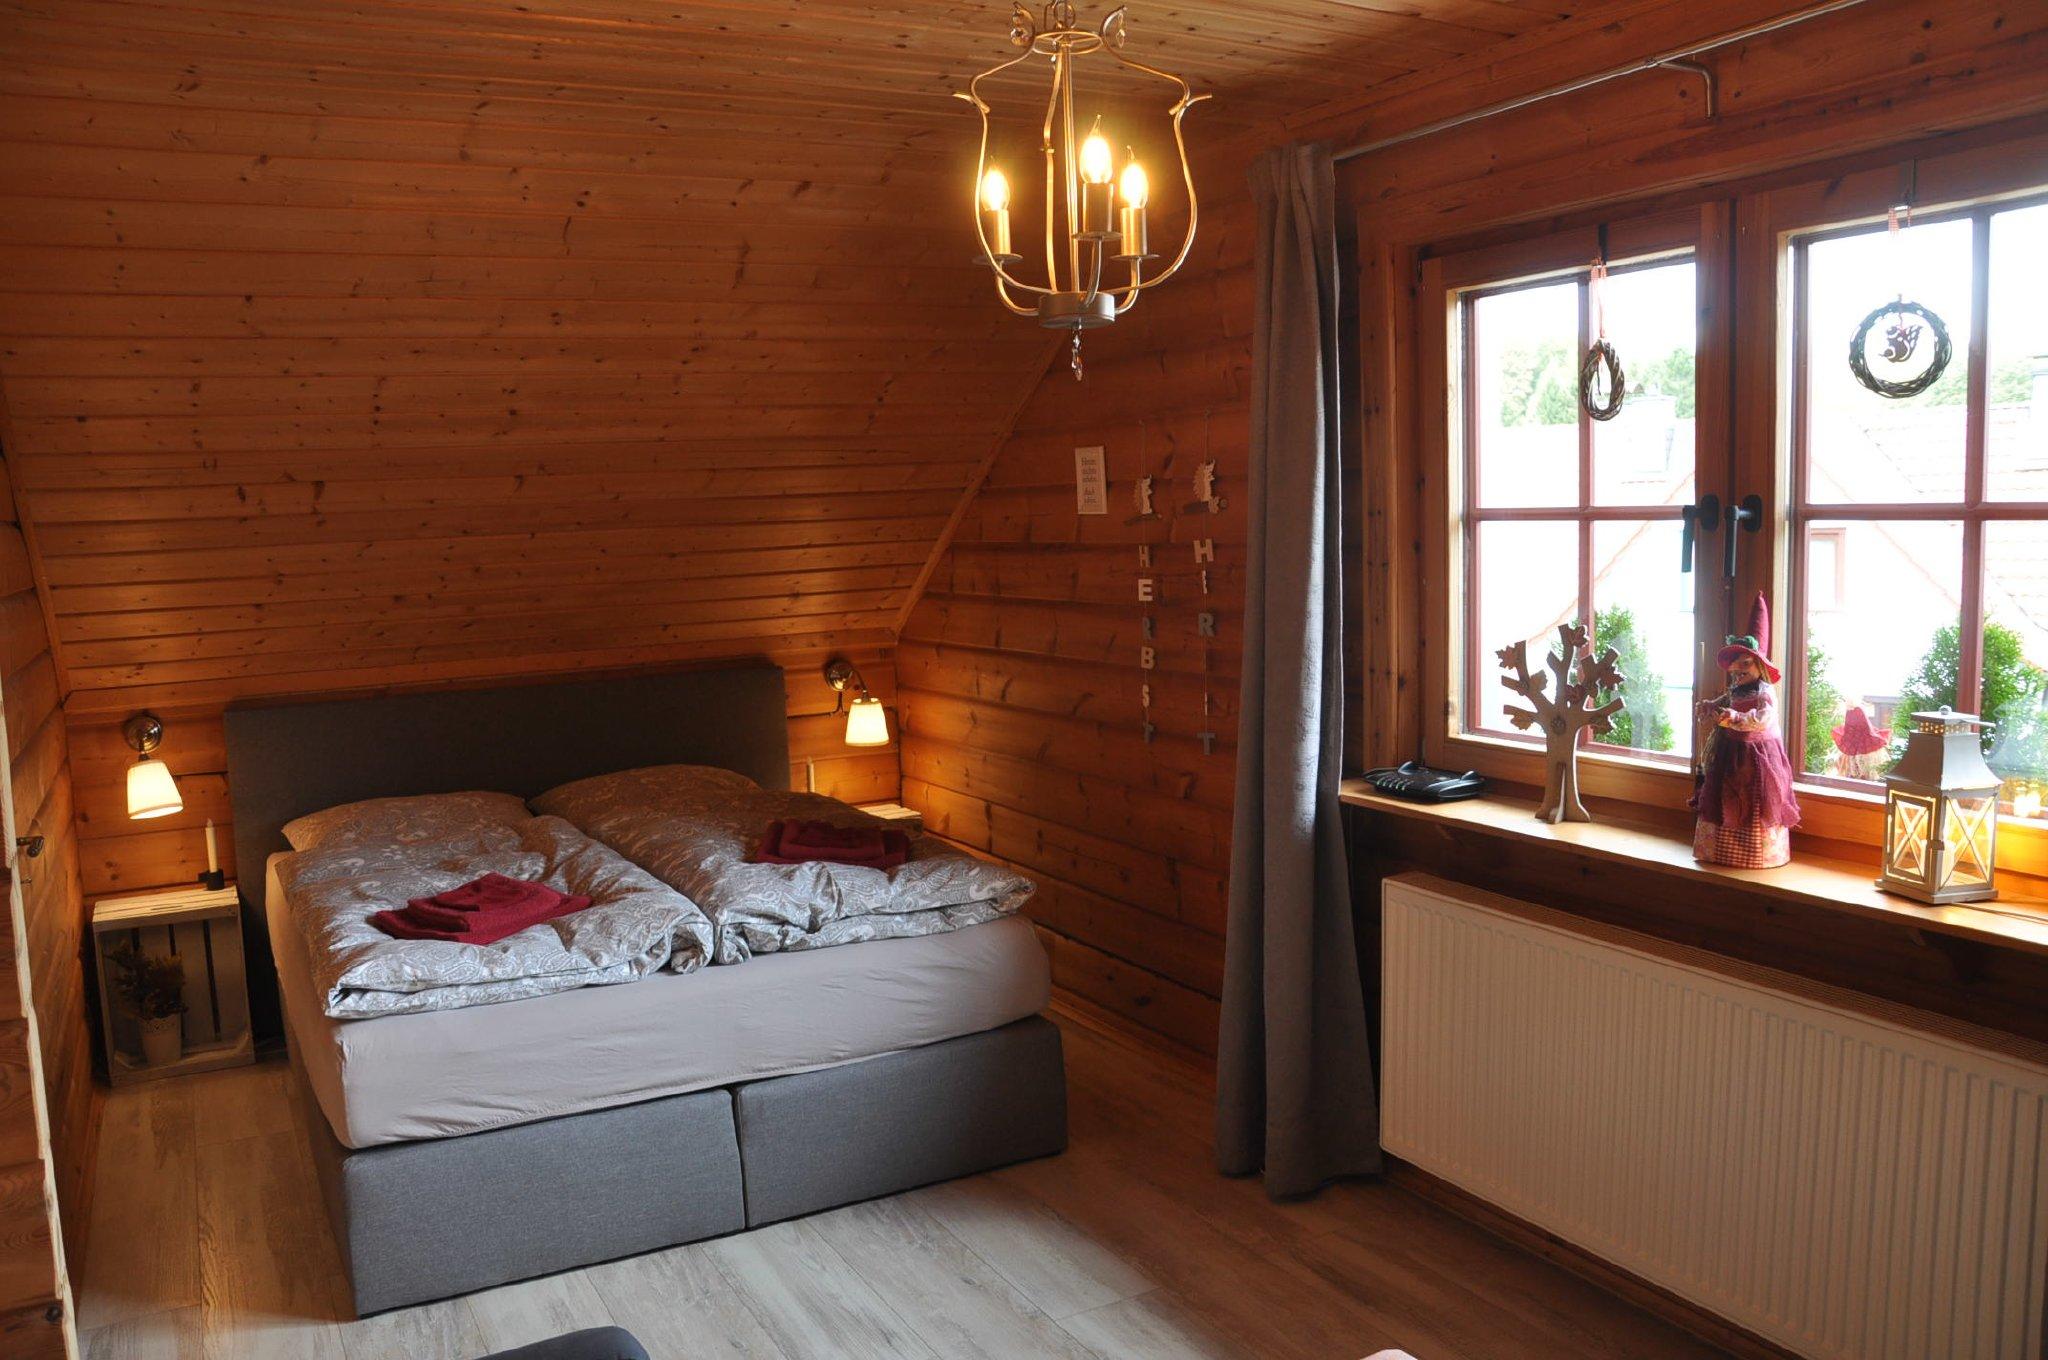 Kleineres Schlafzimmer mit 1,60 m Bett